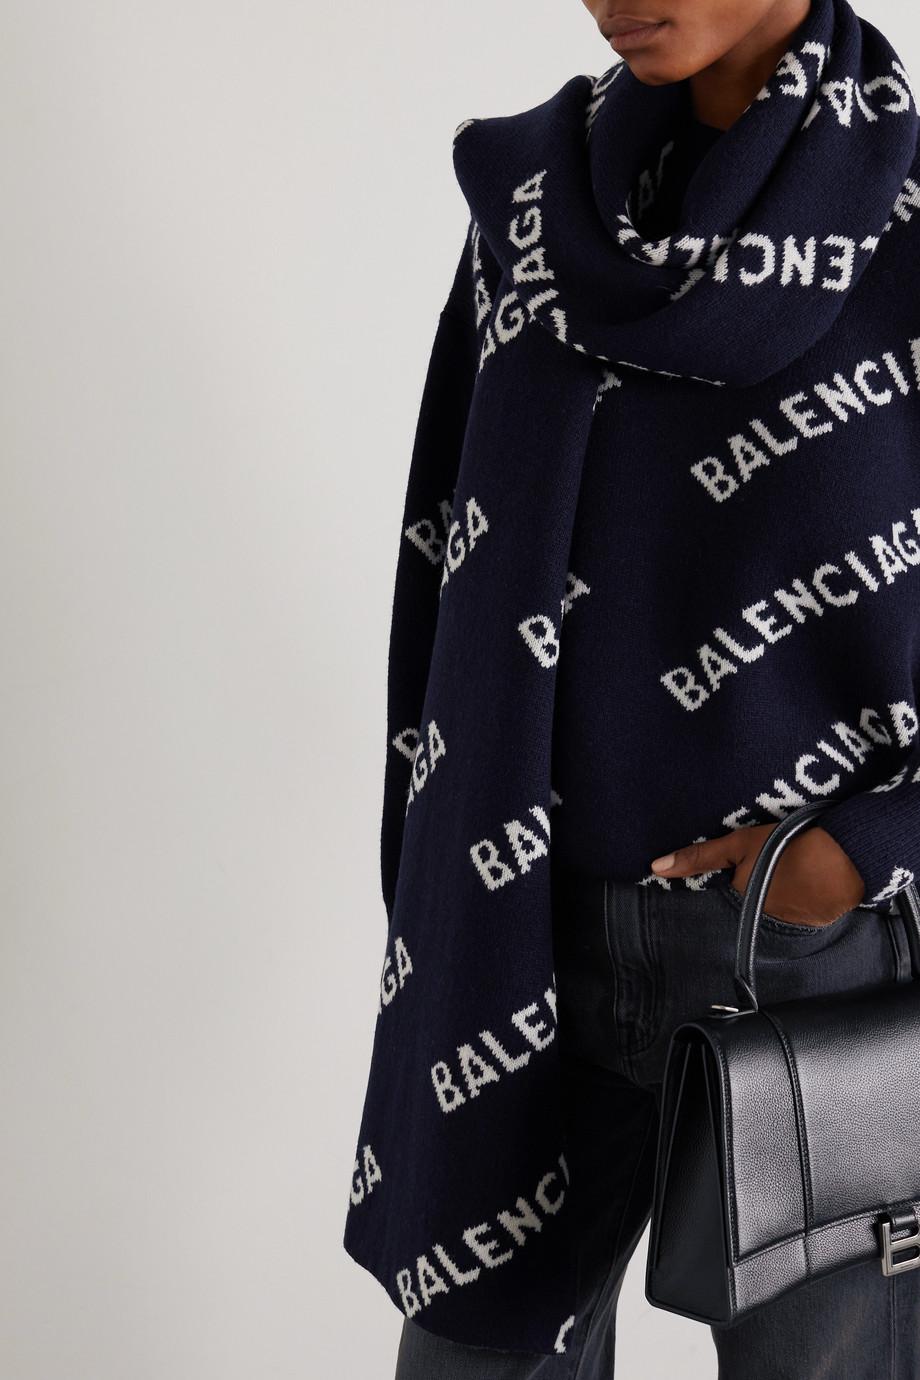 Balenciaga Schal aus einer Wollmischung mit Intarsienmuster